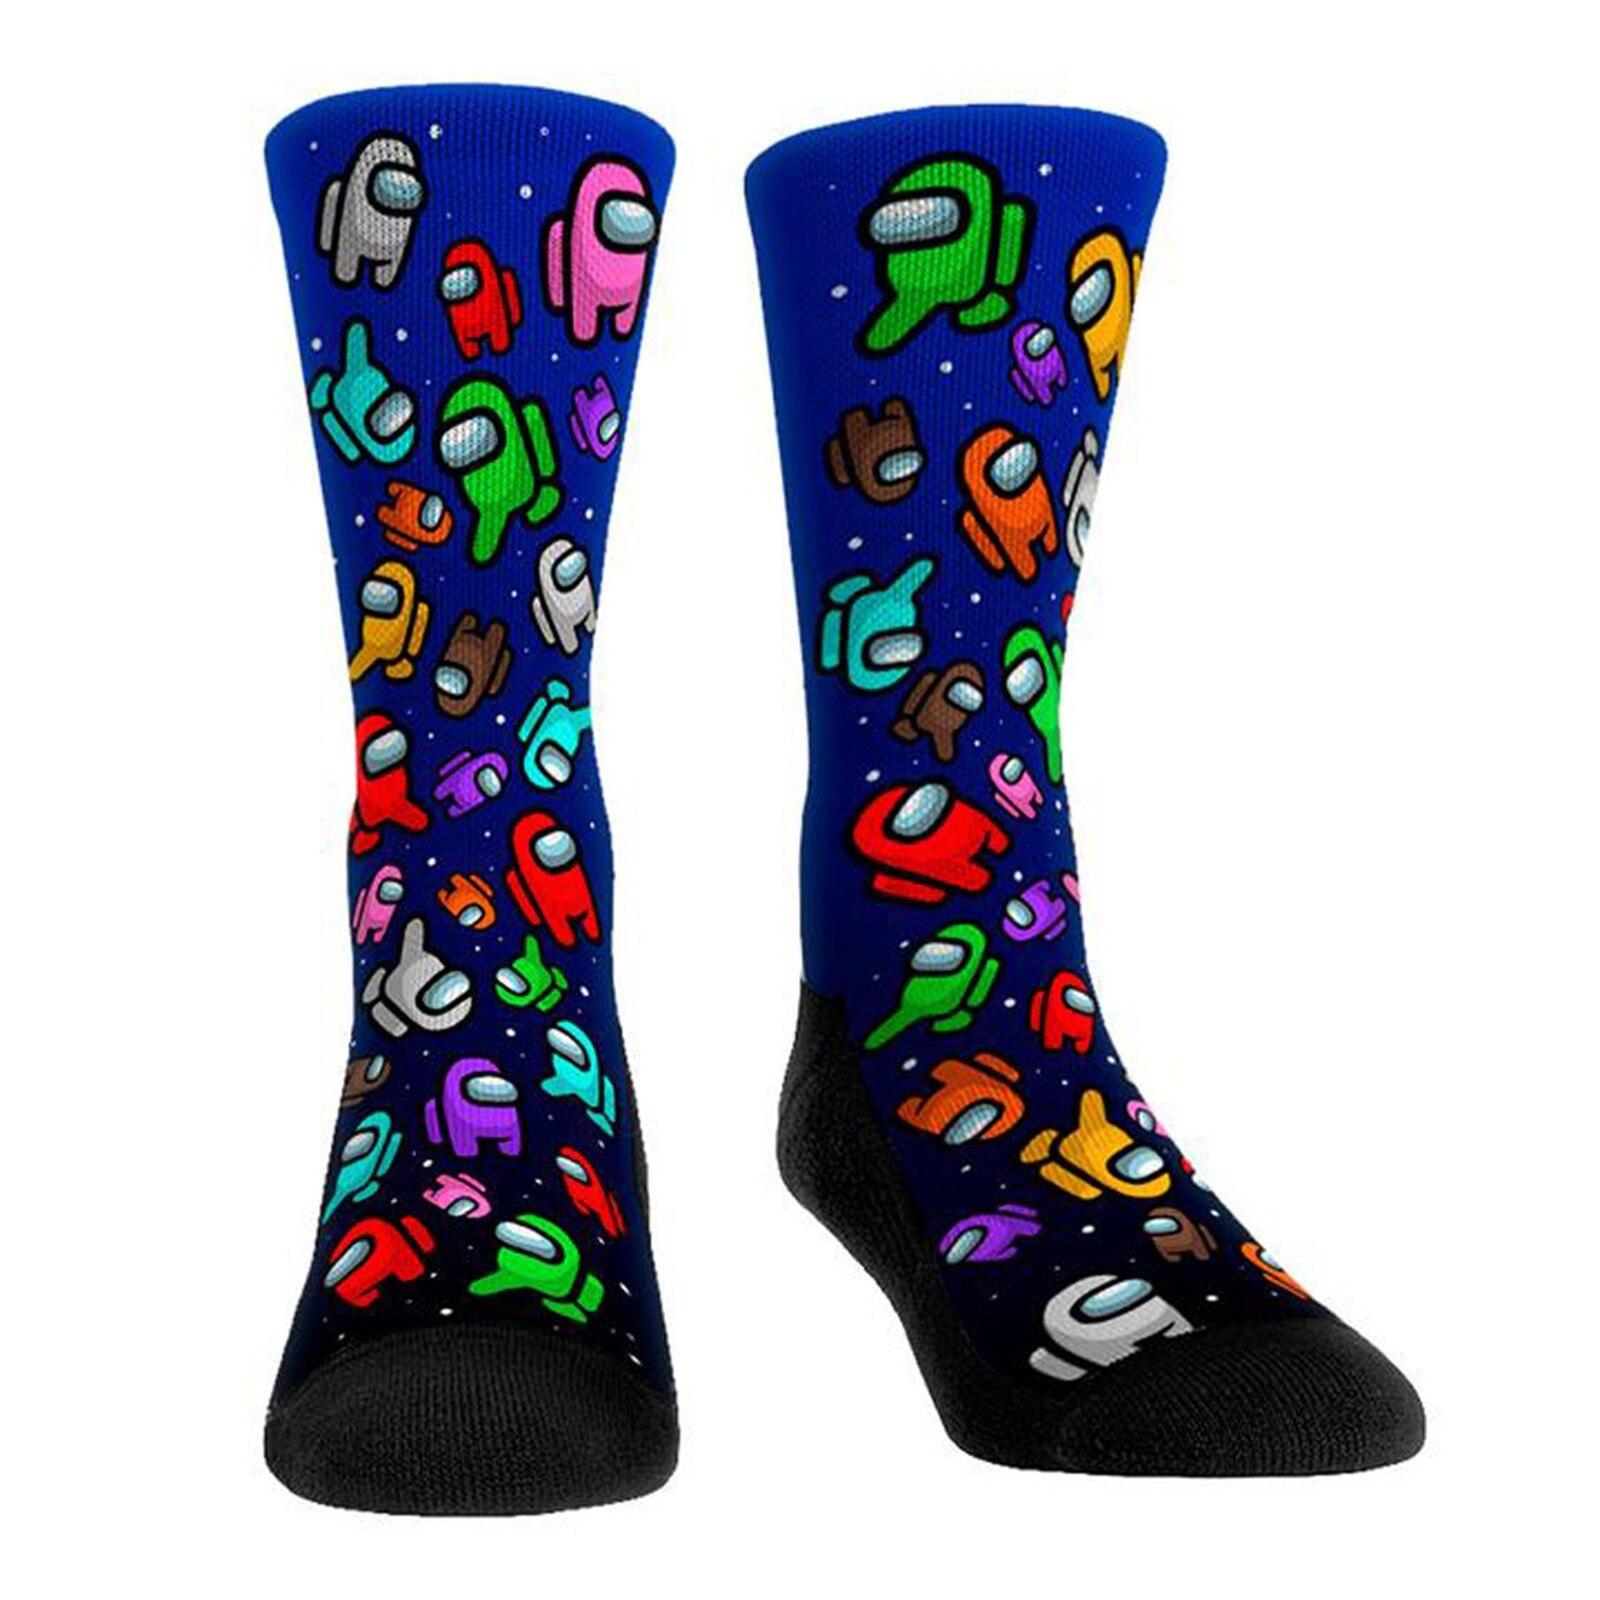 Neuheit Spiel Unter Uns Socken Männer Frauen Носки Atmungs Gemütliche Harajuku Calcetines Baumwolle High-Socken Y2k Junge Personalisierte Warme EIN